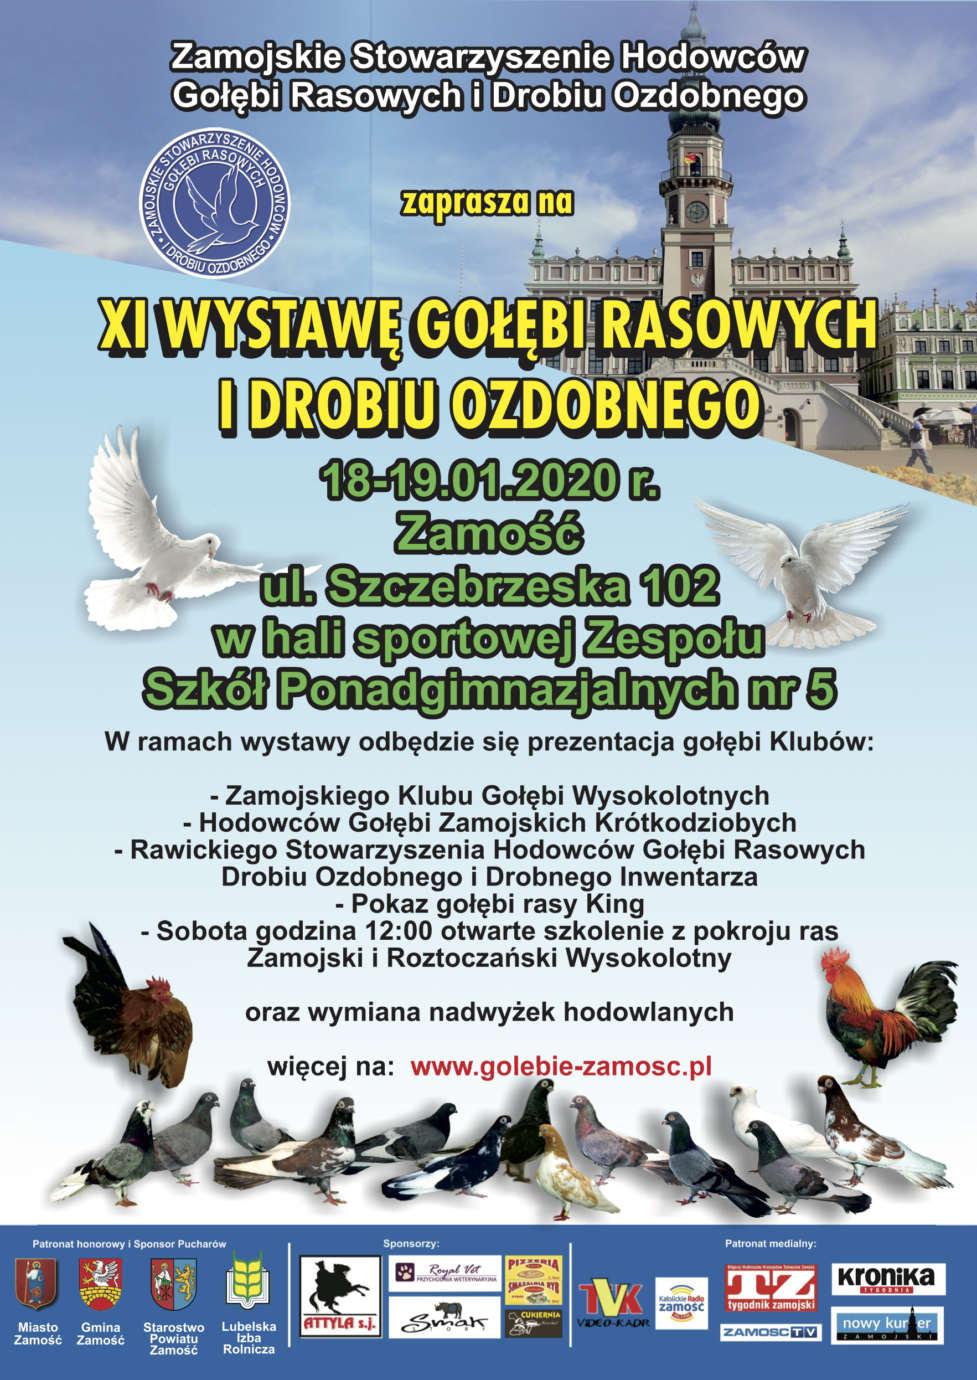 wasil plakat golebie Zamość: Przed nami XI Wystawa Gołębi Rasowych i Drobiu Ozdobnego